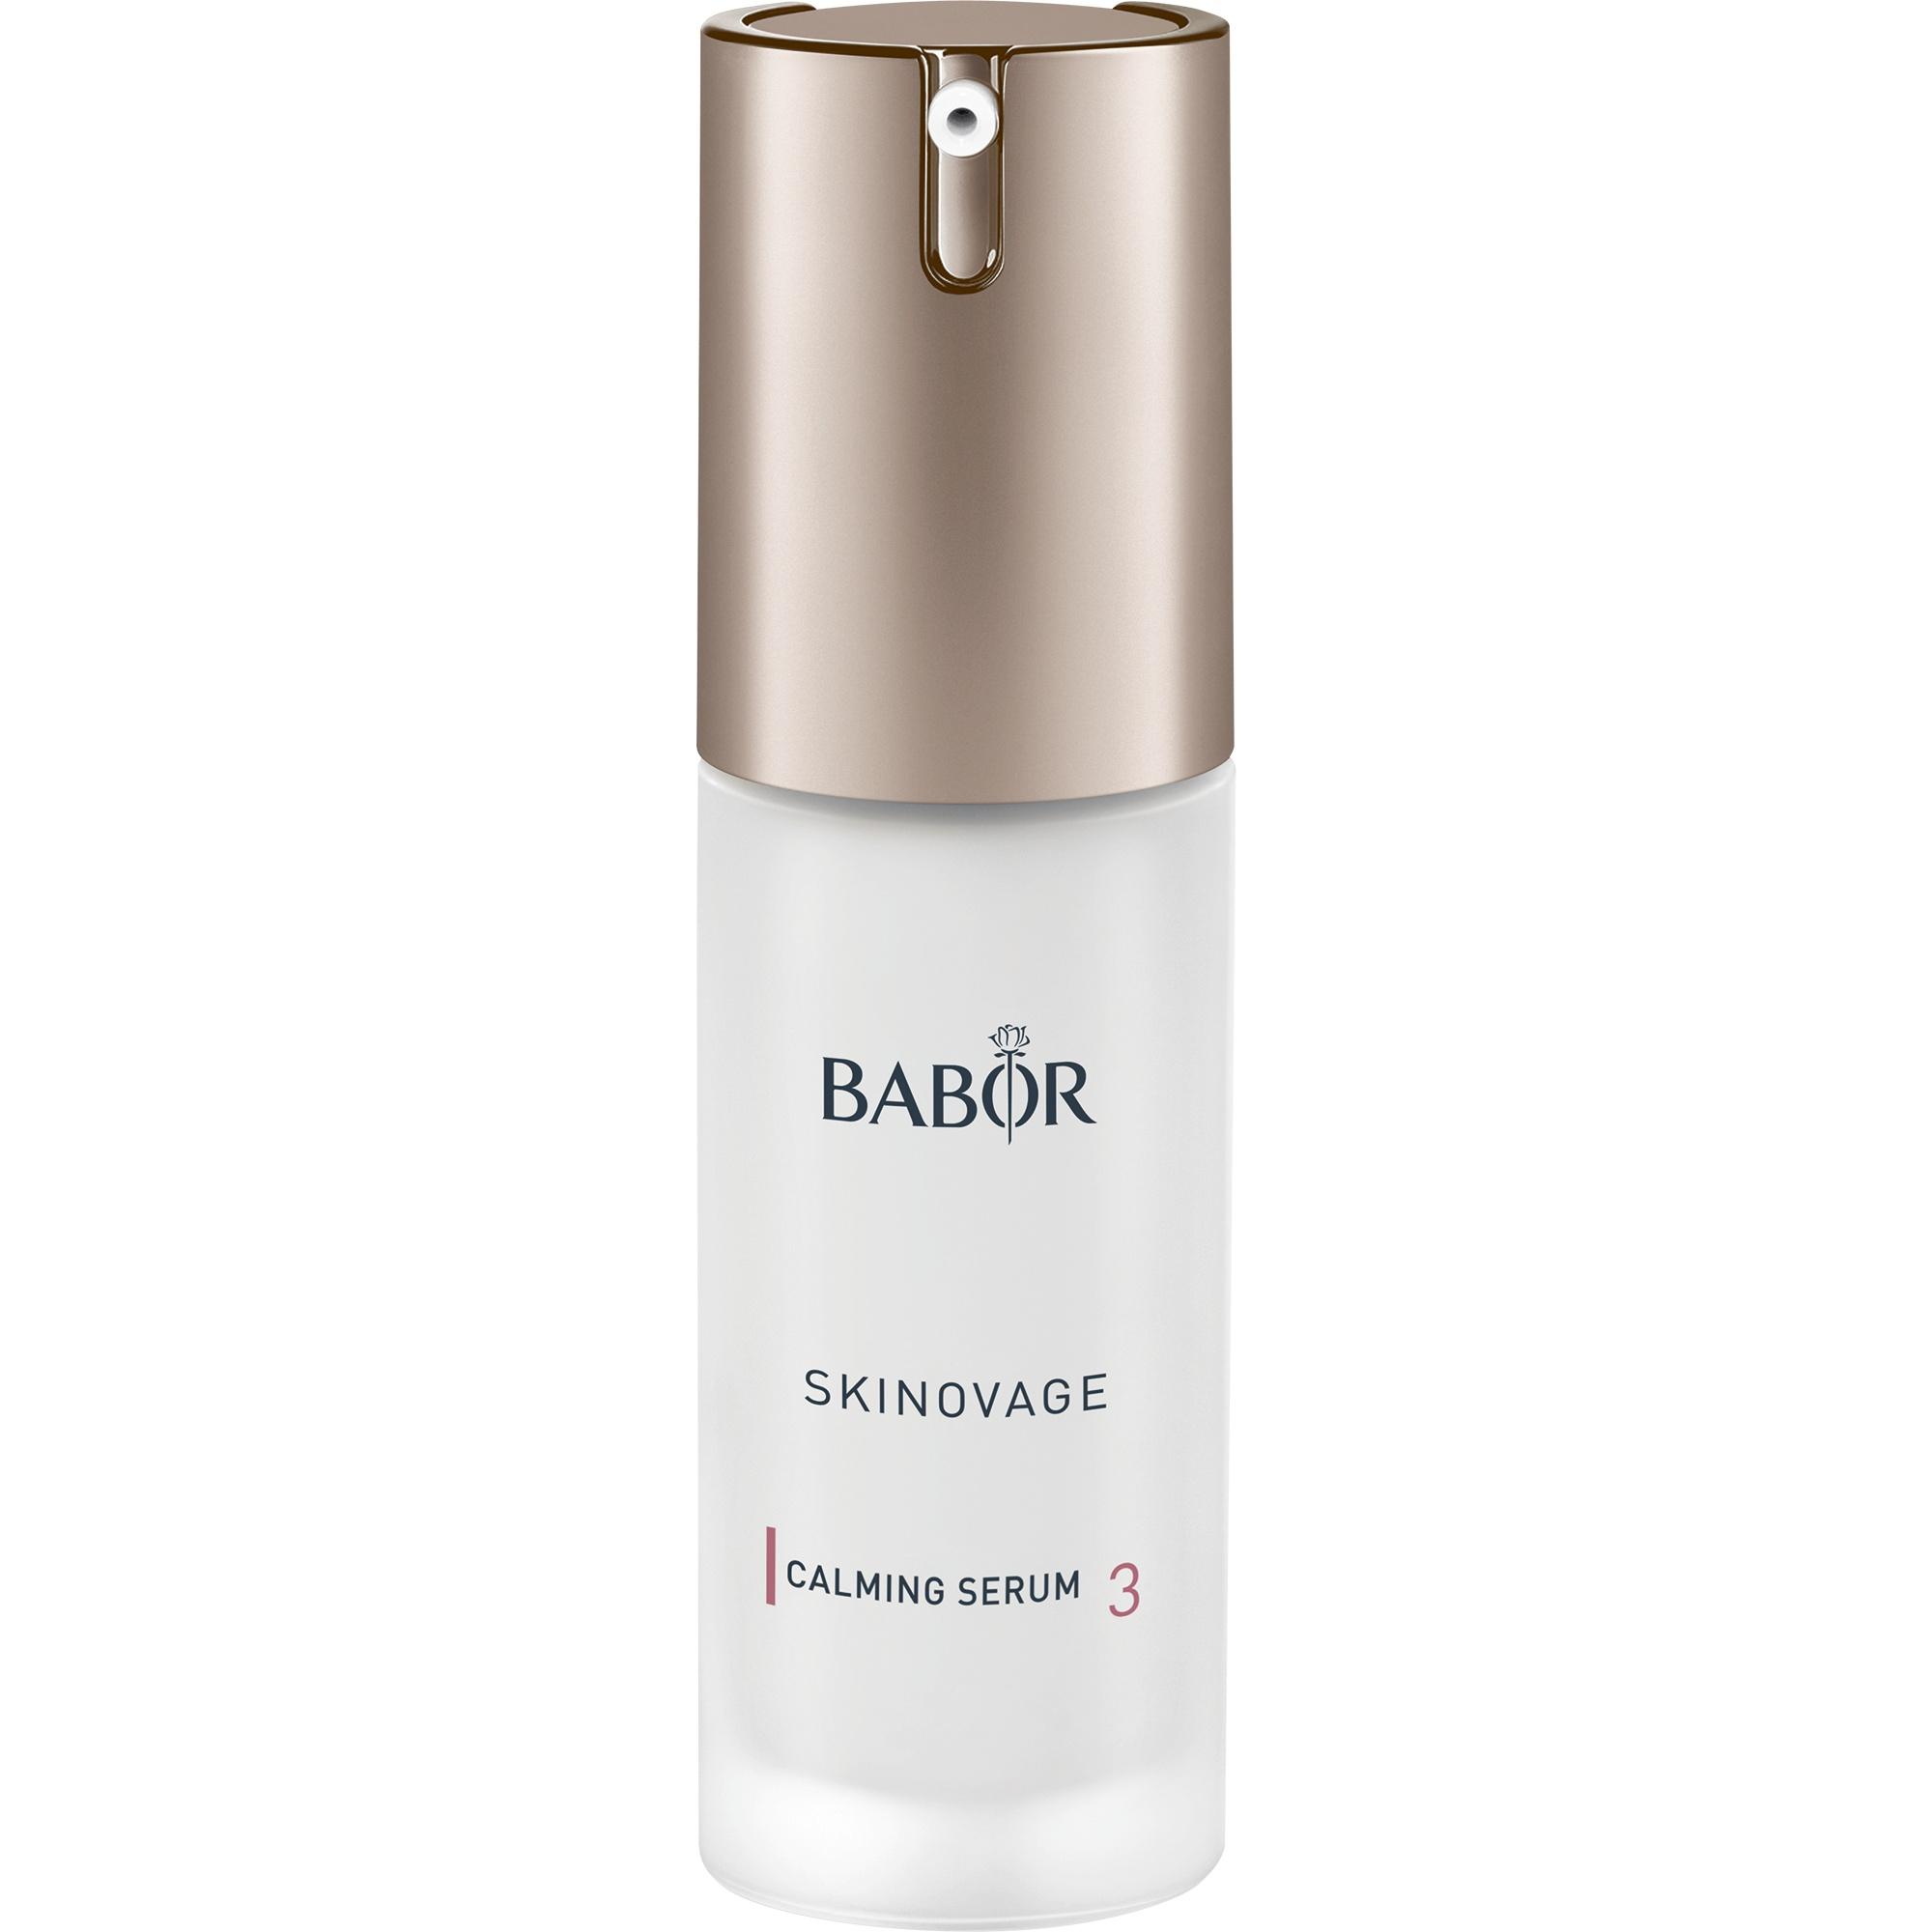 Skinovage Calming Serum 30ml